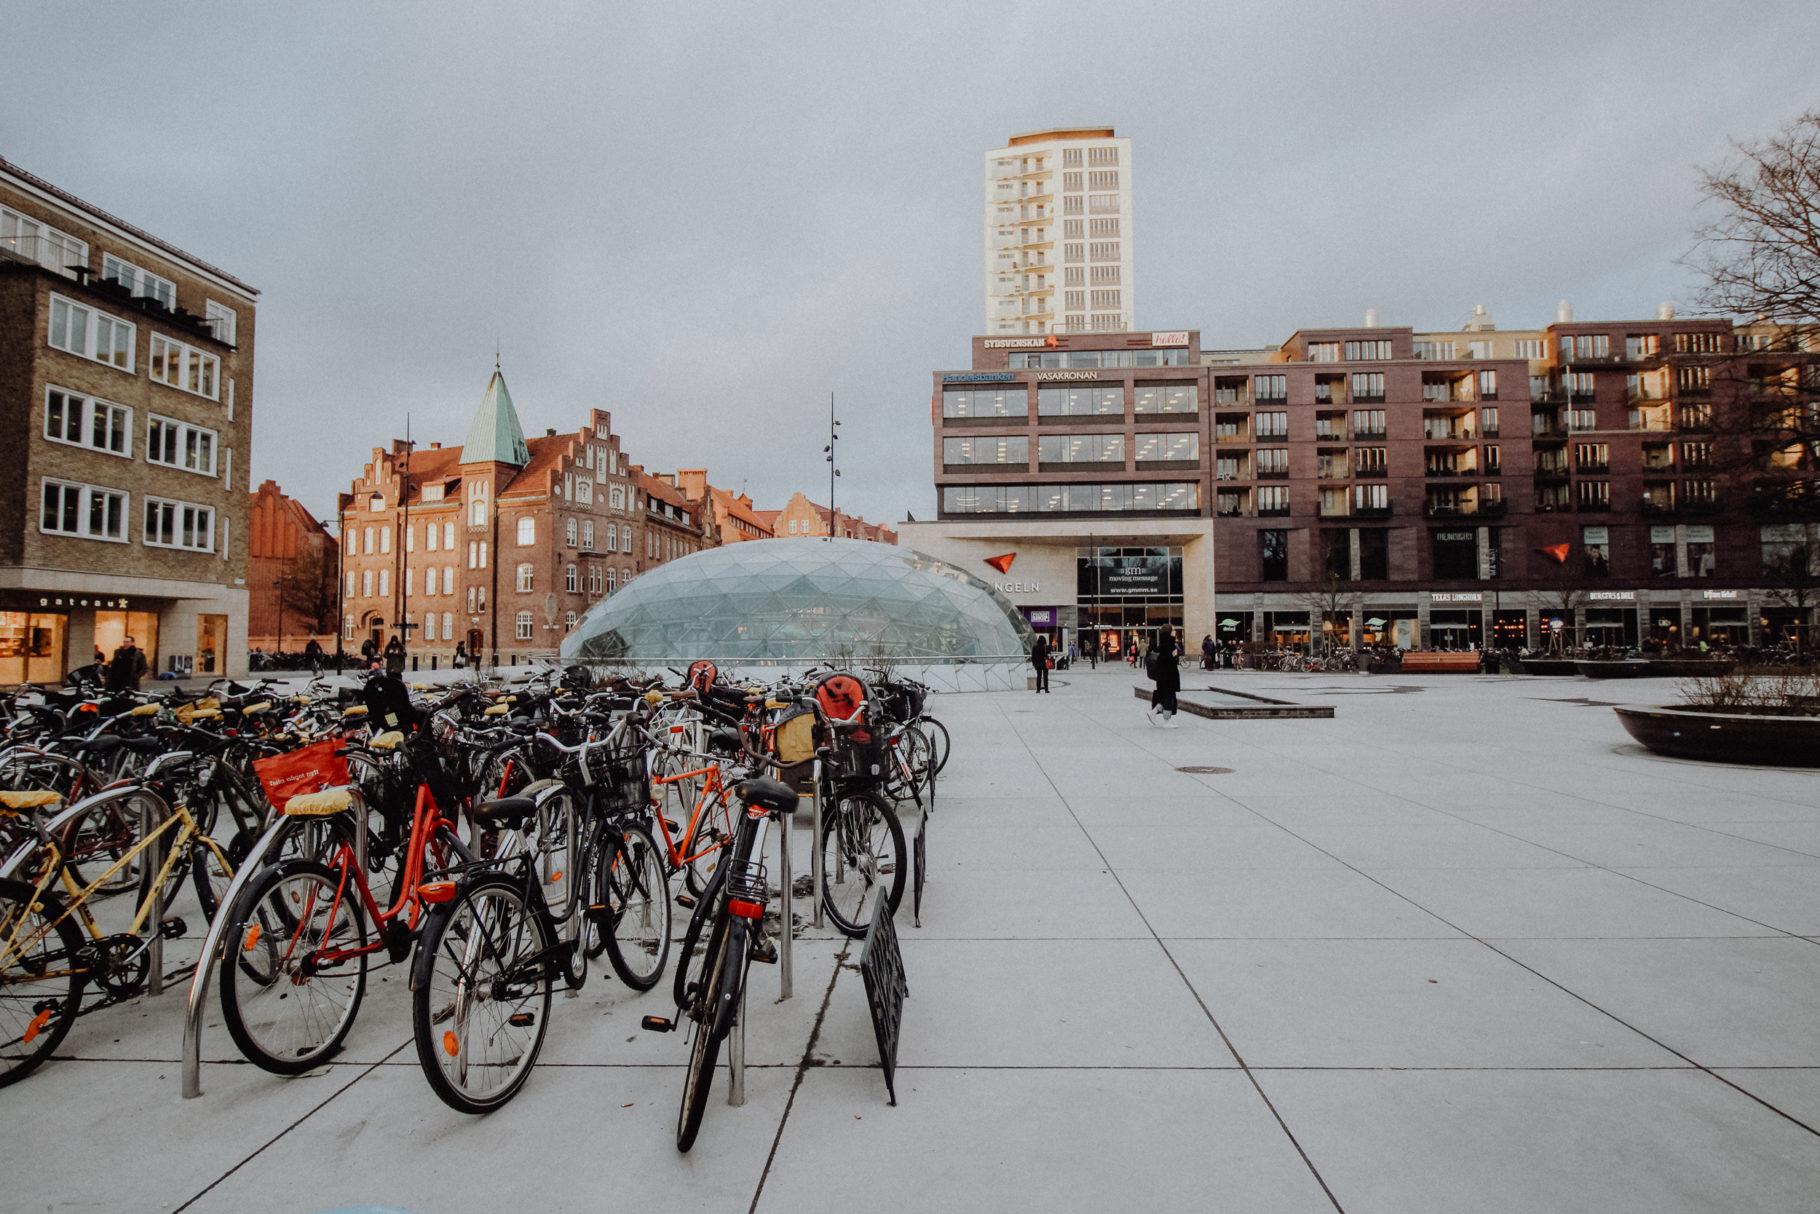 Malmö: Tipps für die coole Stadt am Öresund